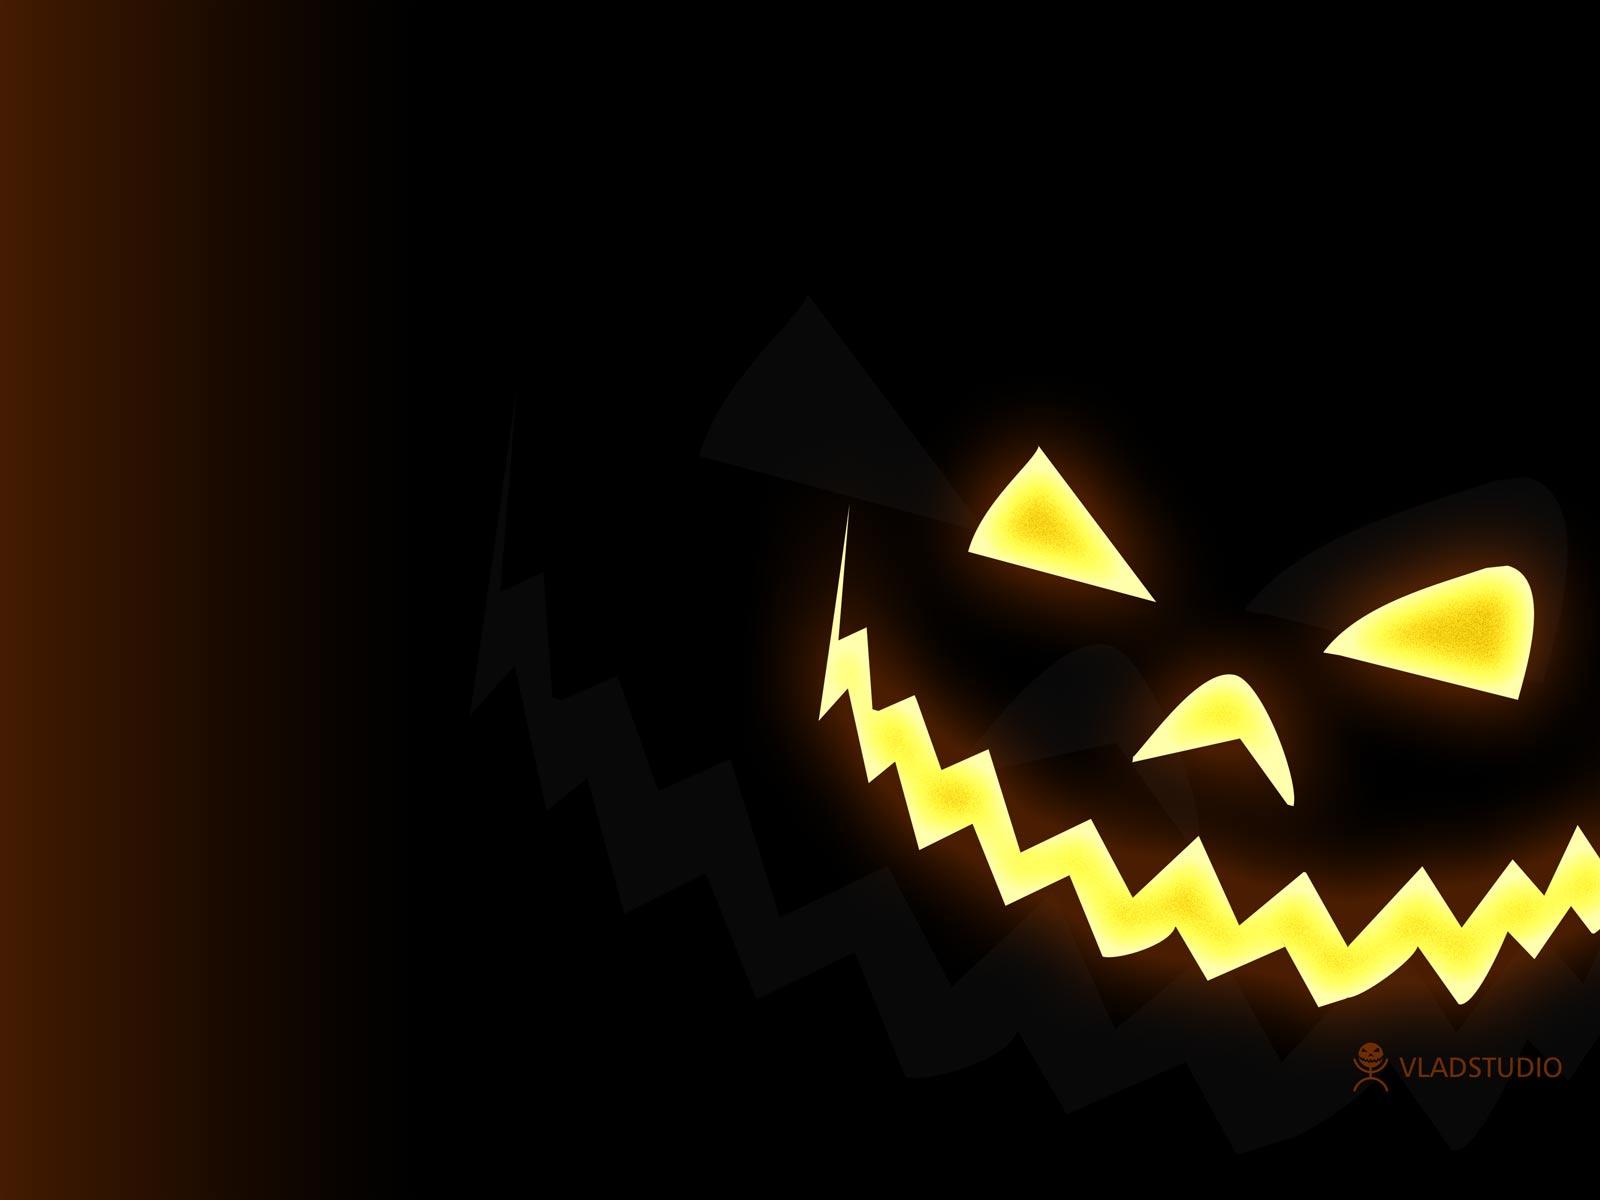 Cute Halloween Wallpaper Cartoon Wallpaper 5492 High 1600x1200